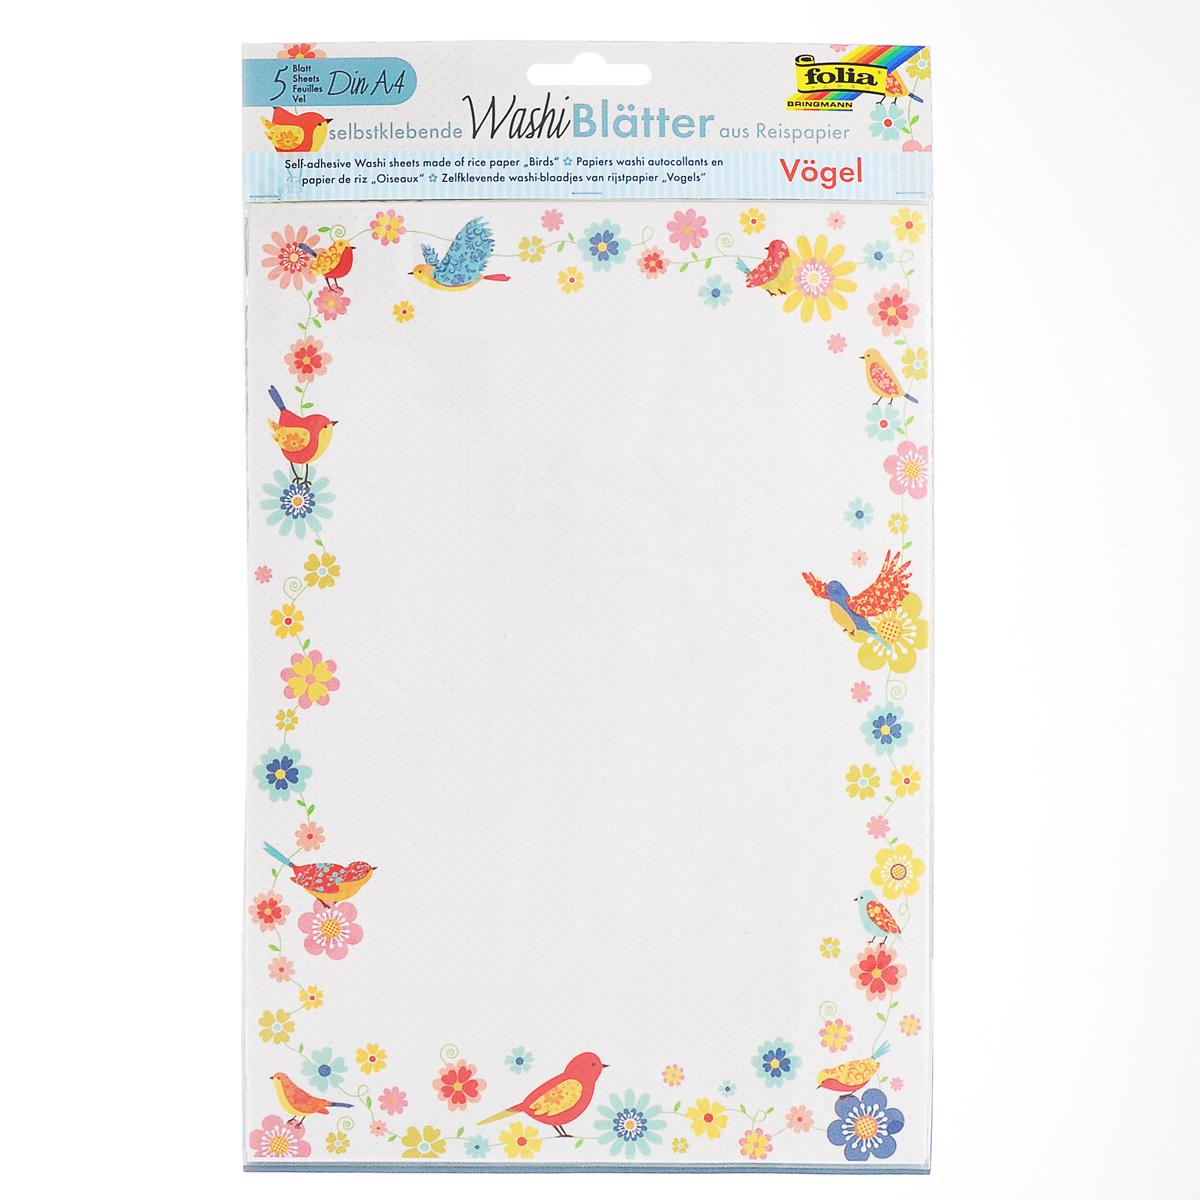 Рисовая бумага Folia Птицы, самоклеящаяся, 29,5 x 21 см, 5 листов